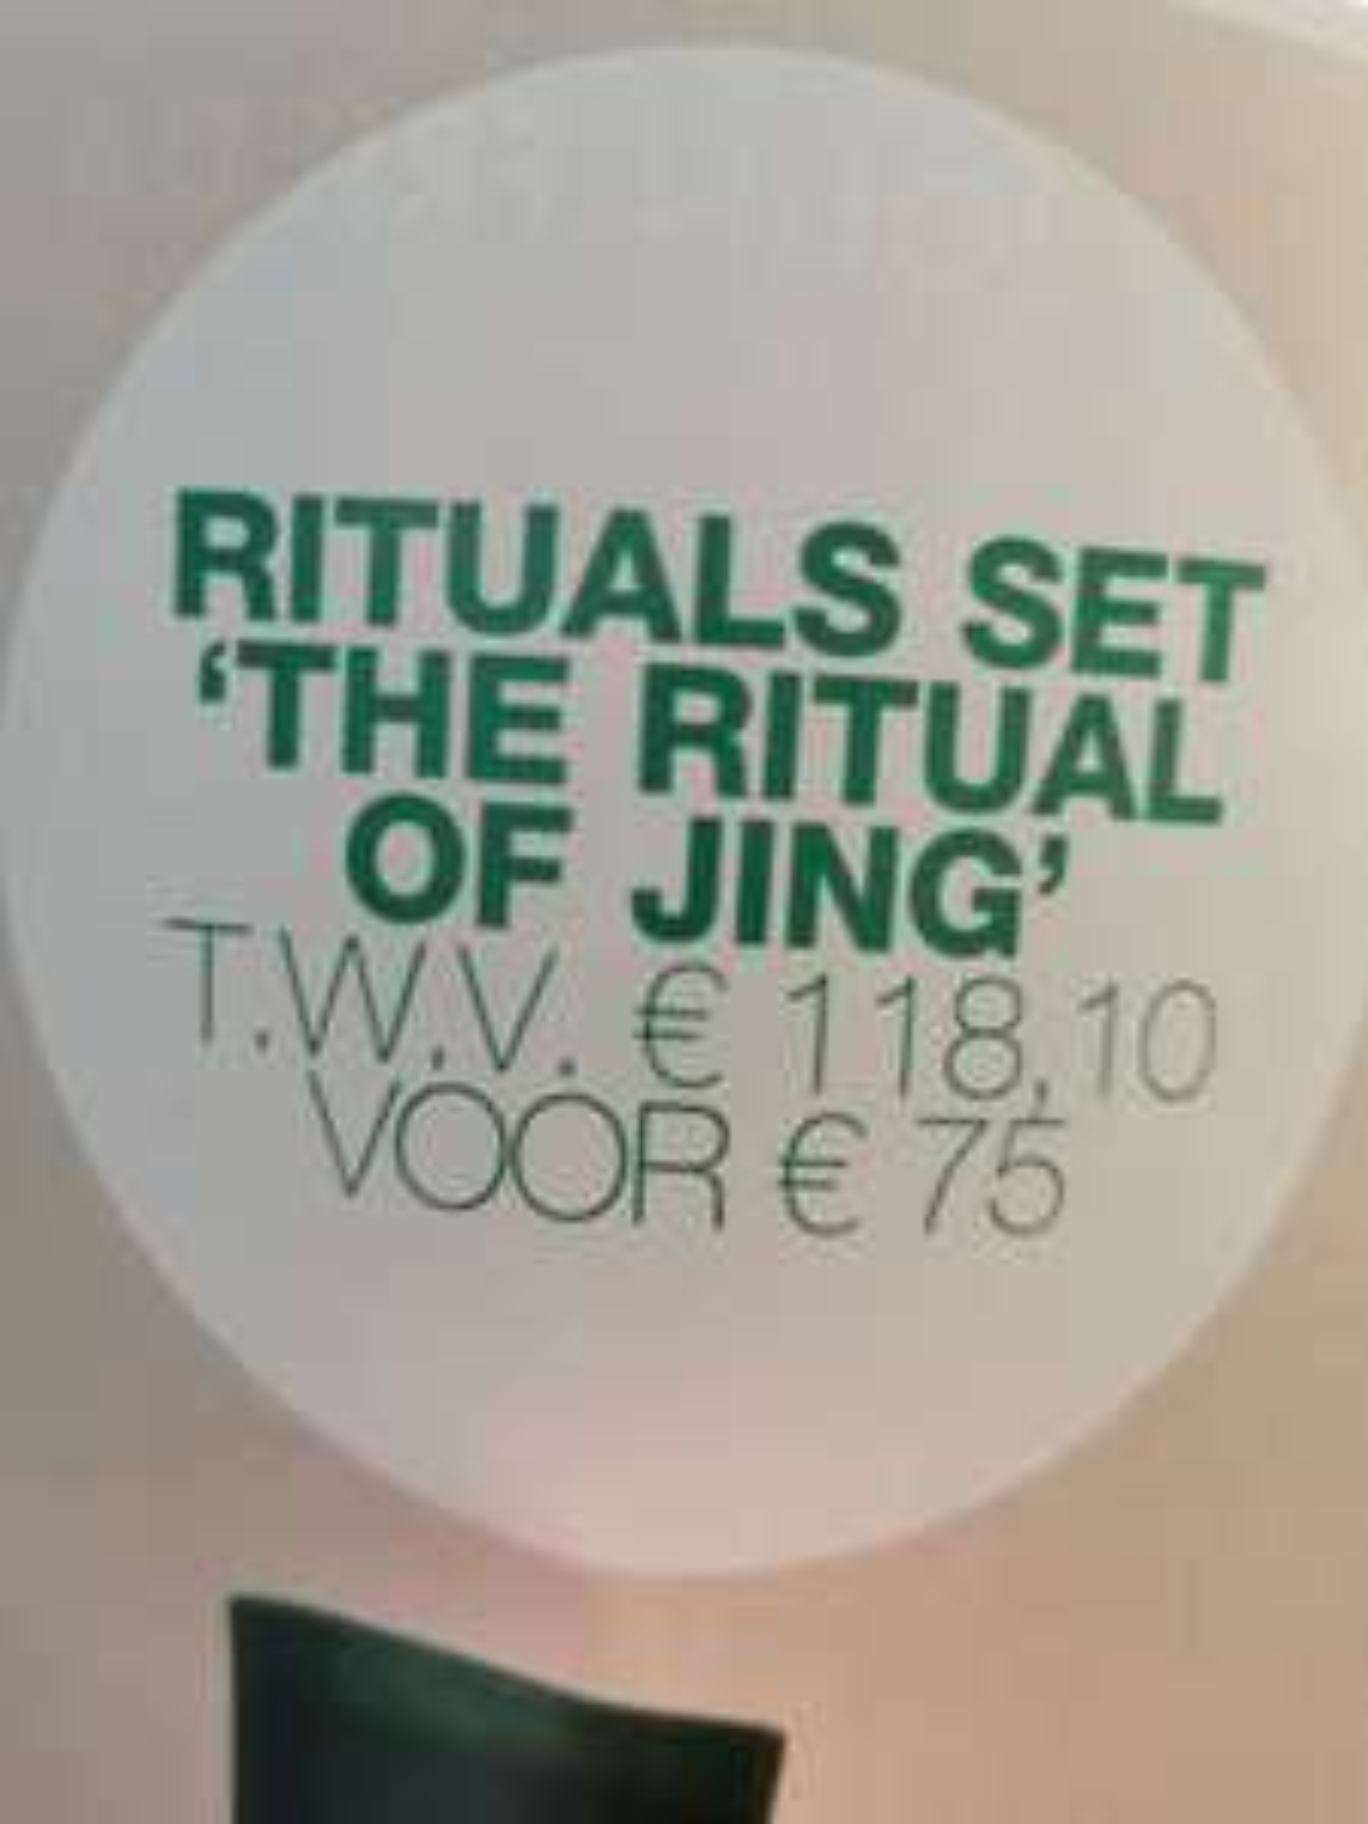 Rituals set The Ritual of Jing voor € 75